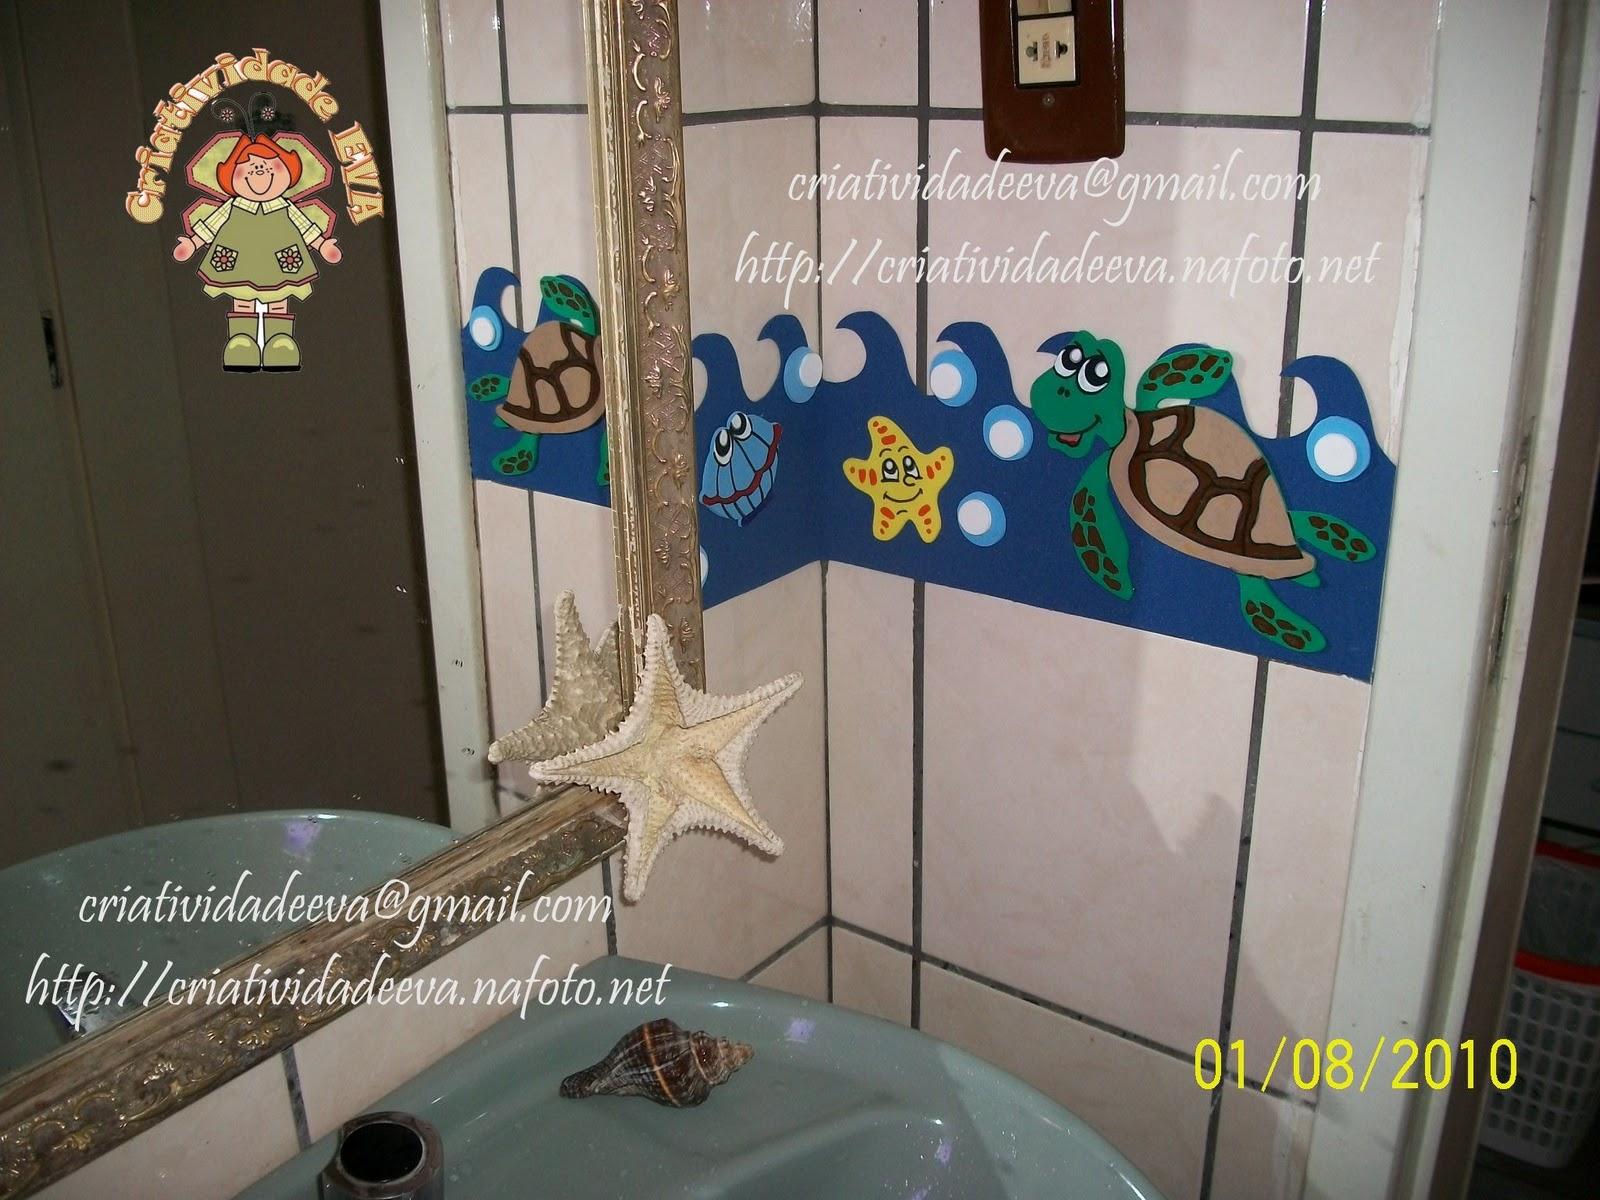 CRIATIVIDADE EVA Decoração Banheiro  Fundo do Mar -> Decoracao Para Banheiro De Escola Em Eva